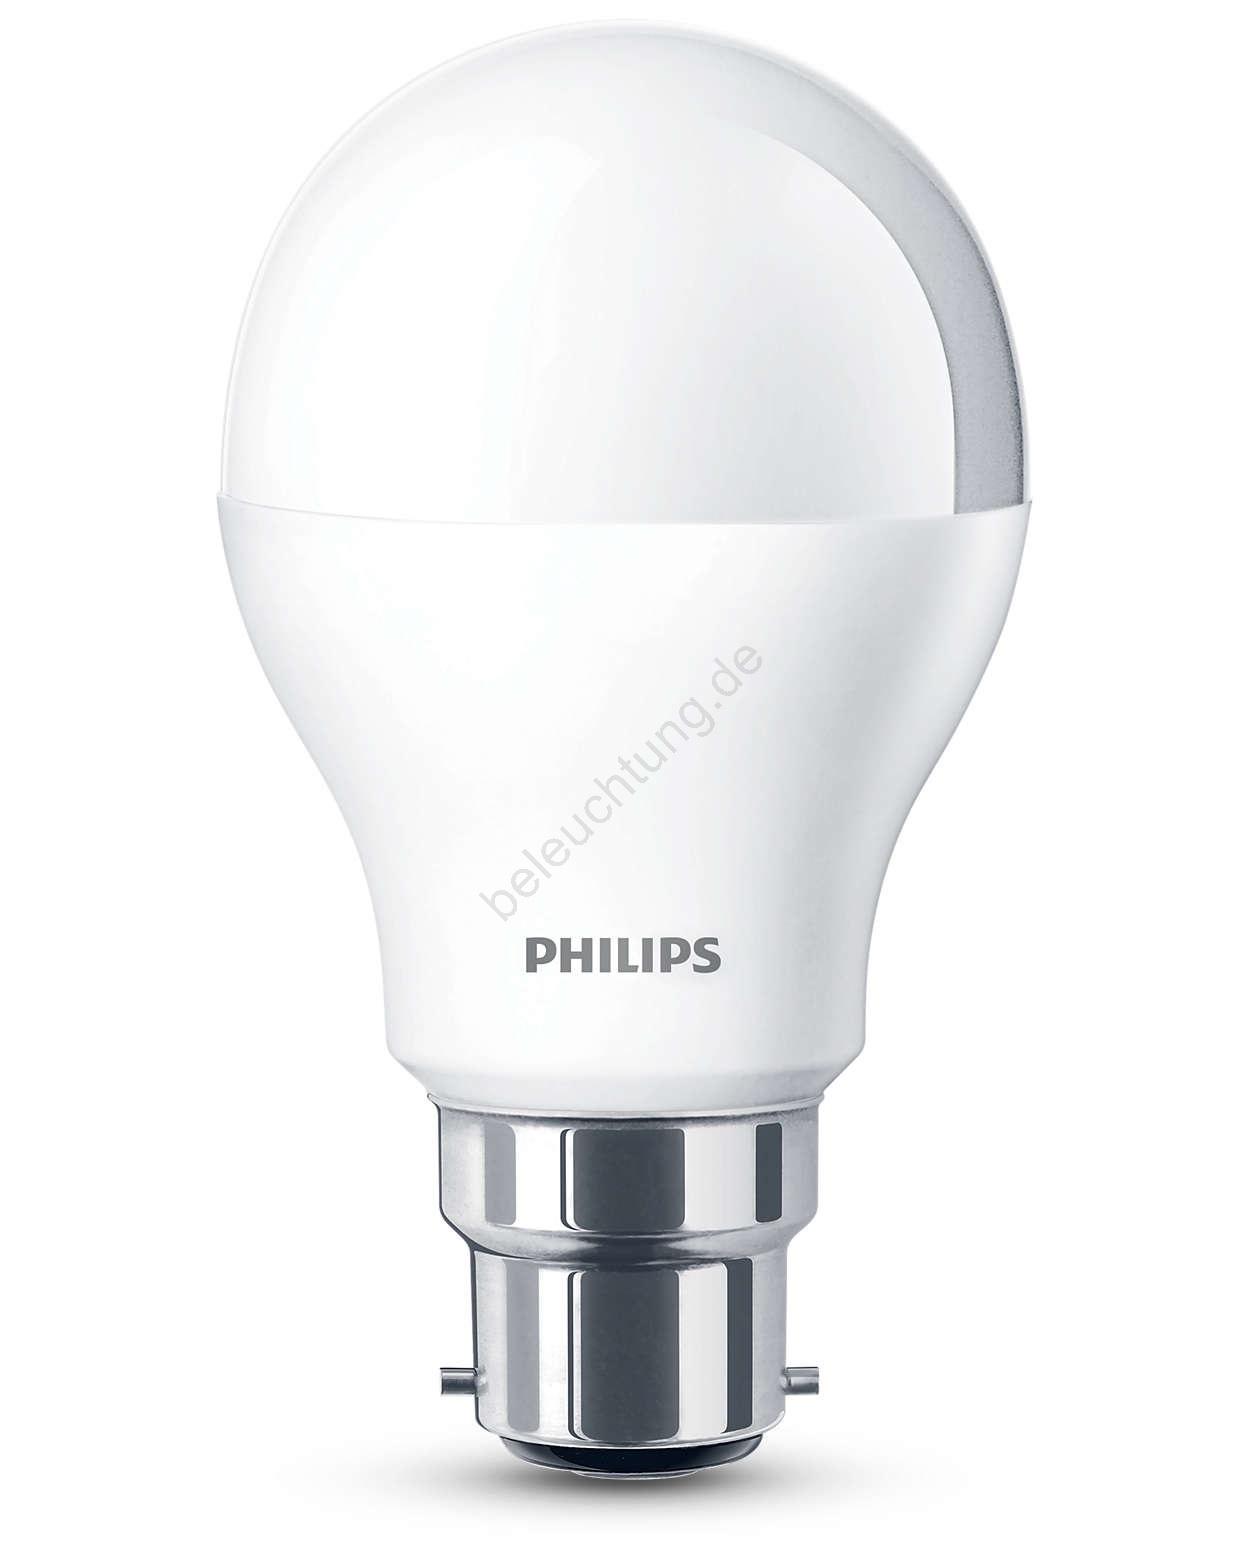 LED Glühlampe B22/5,5W/230V - Philips 8718291763932 | Beleuchtung.de